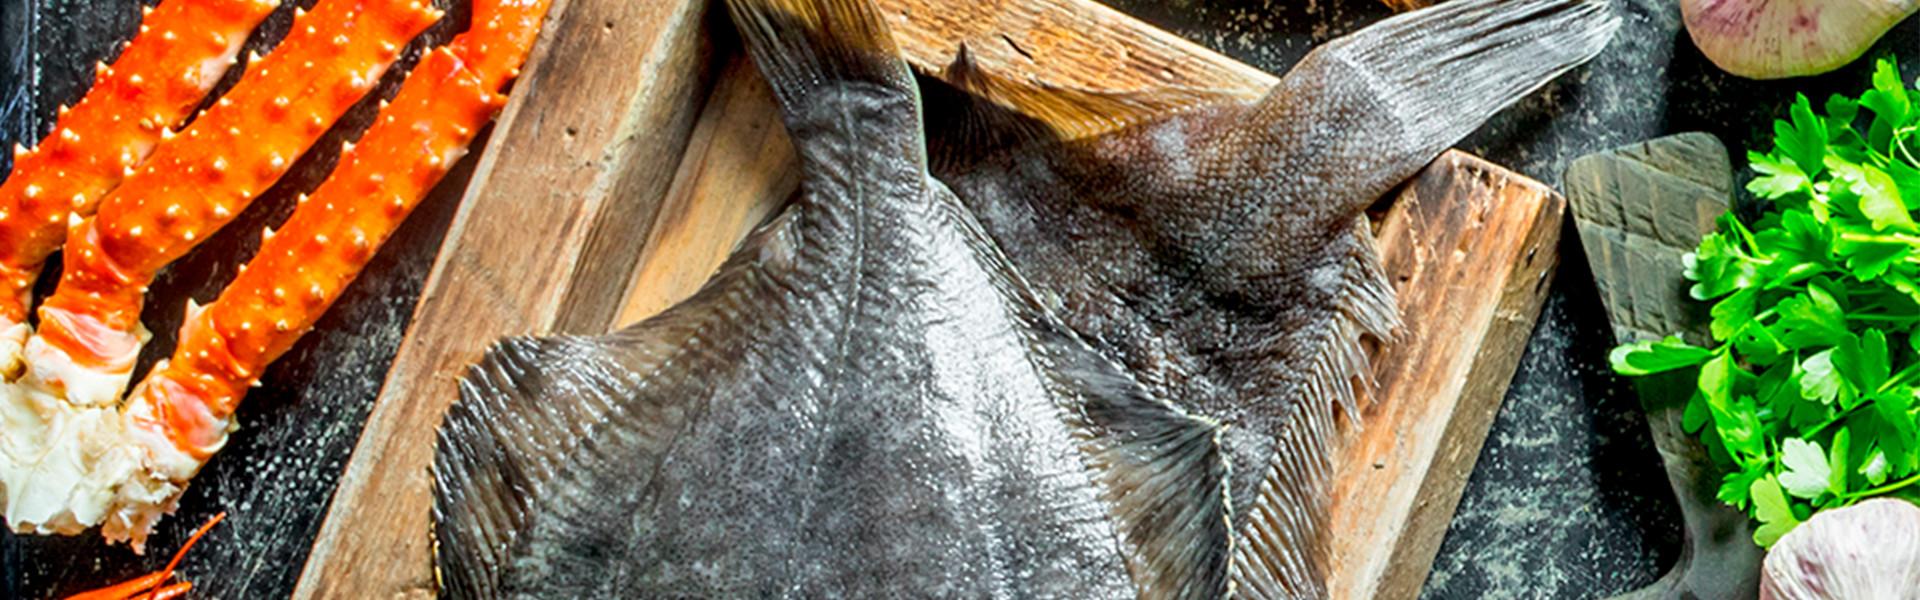 Semana do Pescado 2021: a luta pelo crescimento do setor